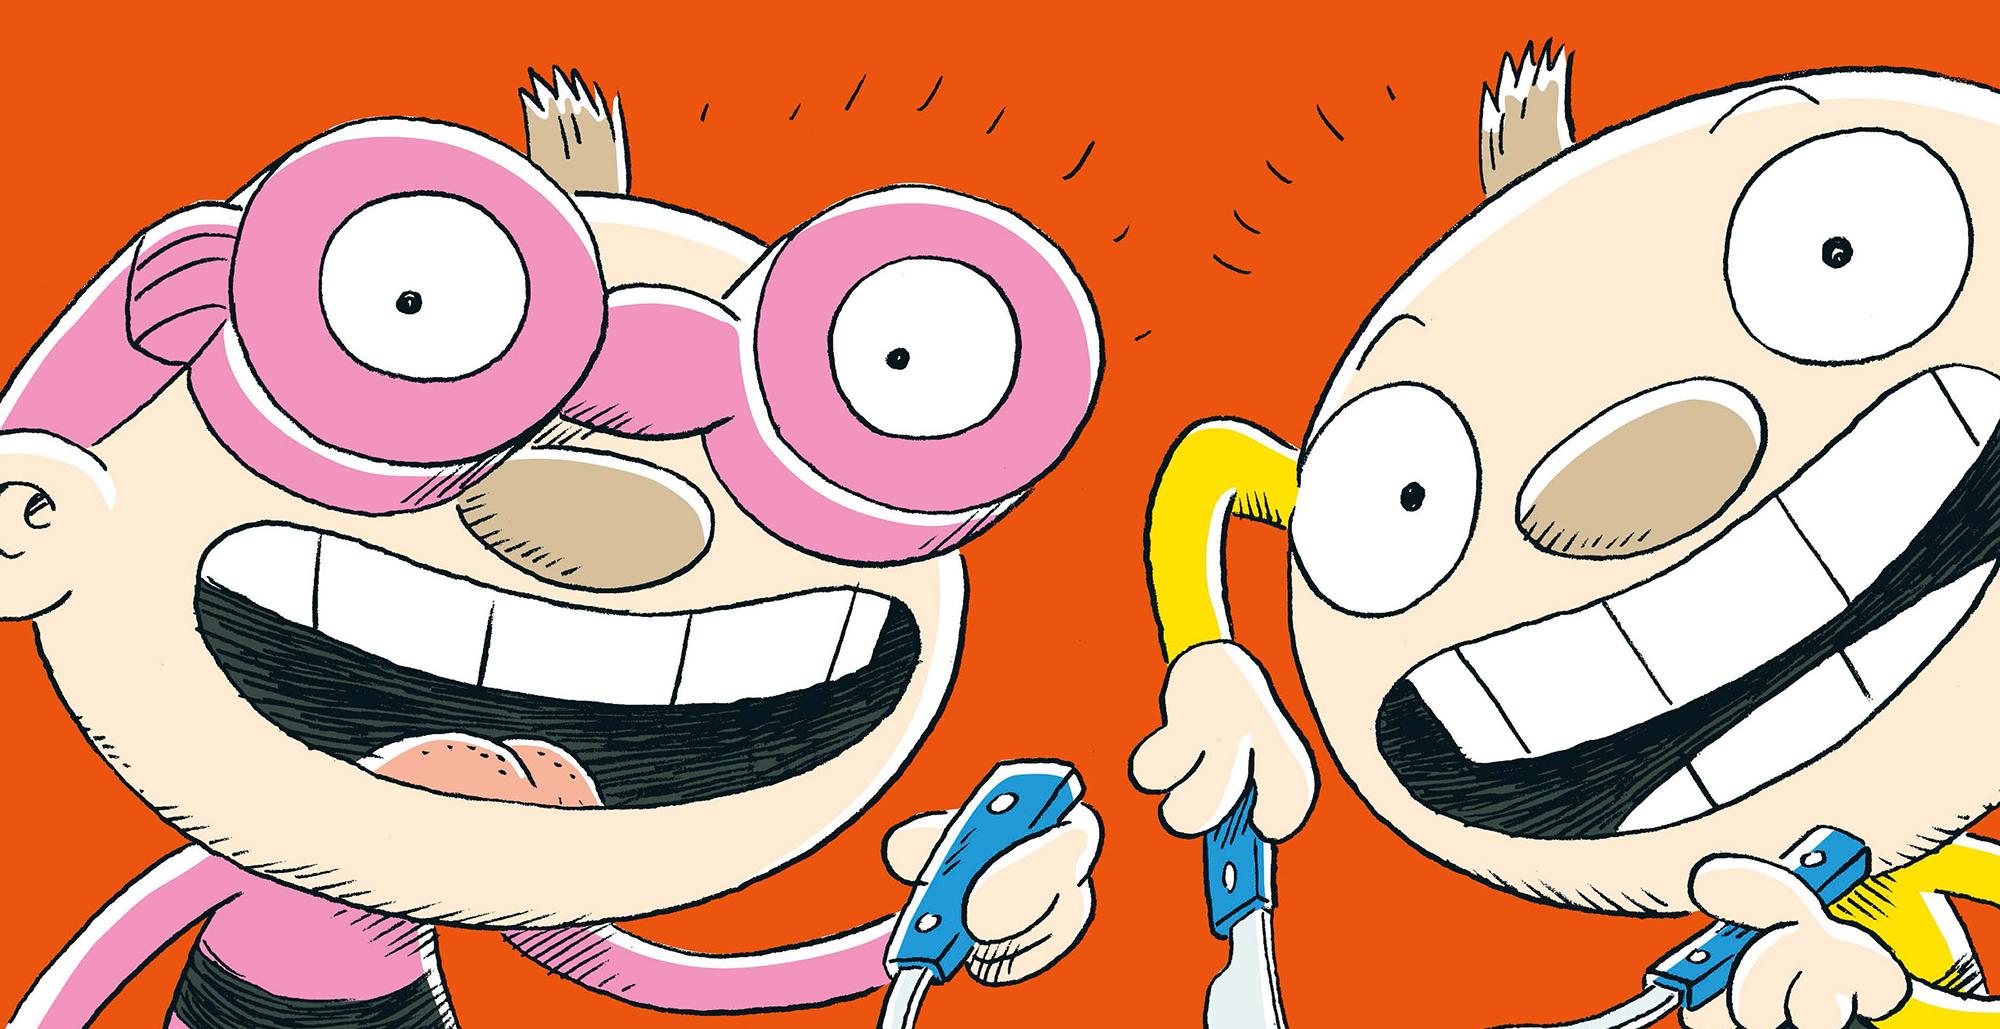 Tatu ja Patu syömään! -lastenteatteriesitys vierailee Kangasala-talossa